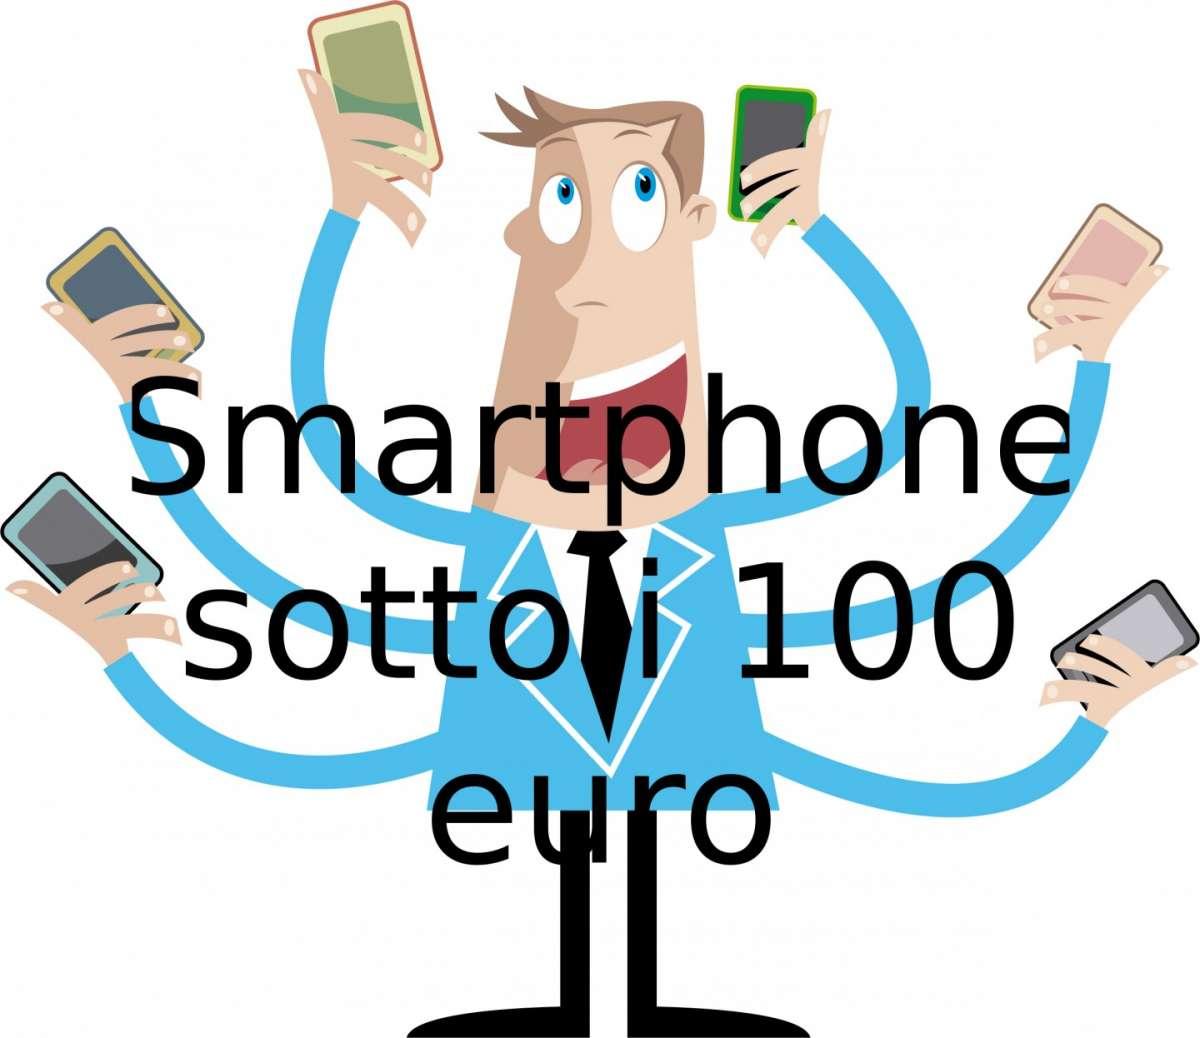 Smartphone sotto i 100 euro: i migliori 5 [FOTO]